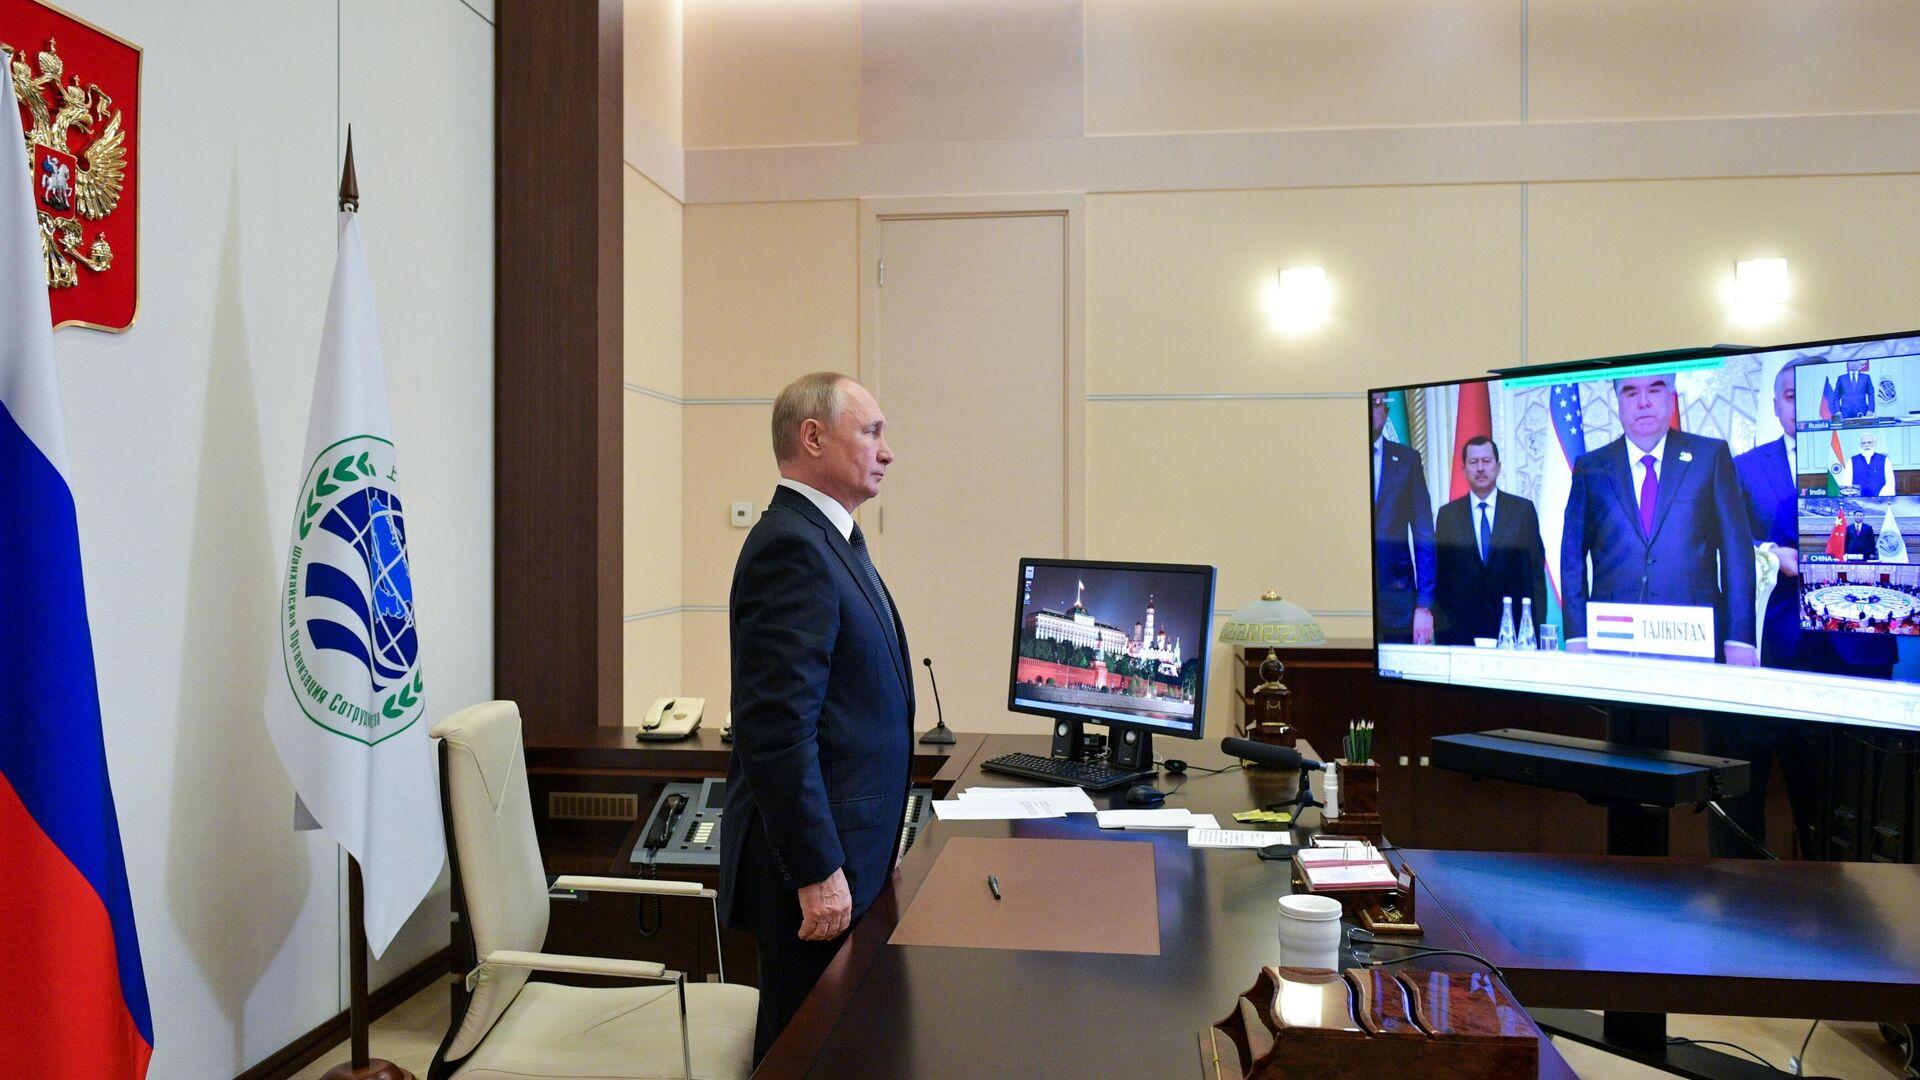 Президент РФ Владимир Путин в режиме видеоконференции принимает участие в заседании Совета глав государств - членов Шанхайской организации сотрудничества - РИА Новости, 1920, 17.09.2021